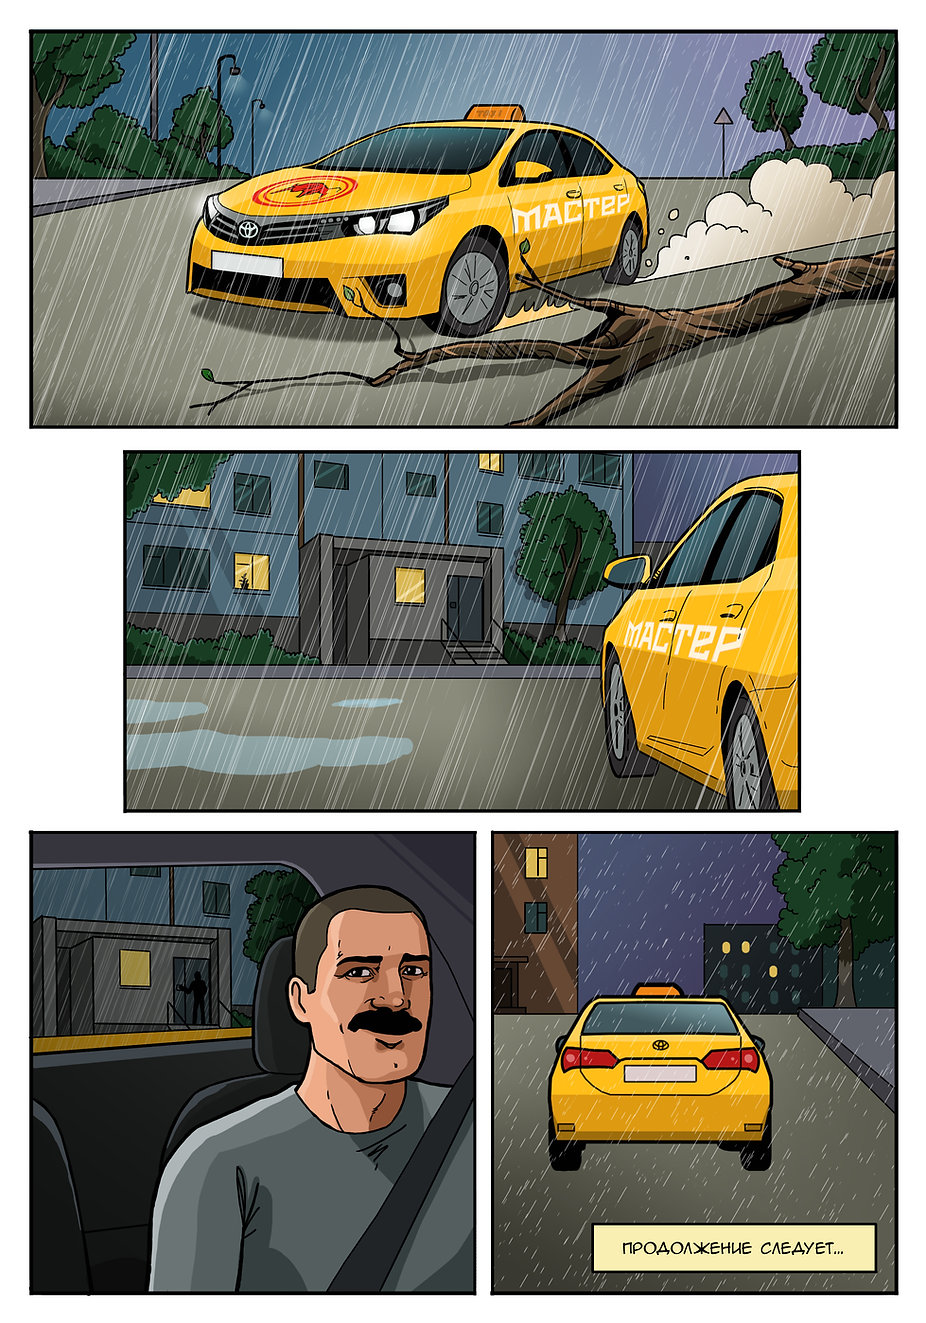 Рекламный комикс для такси